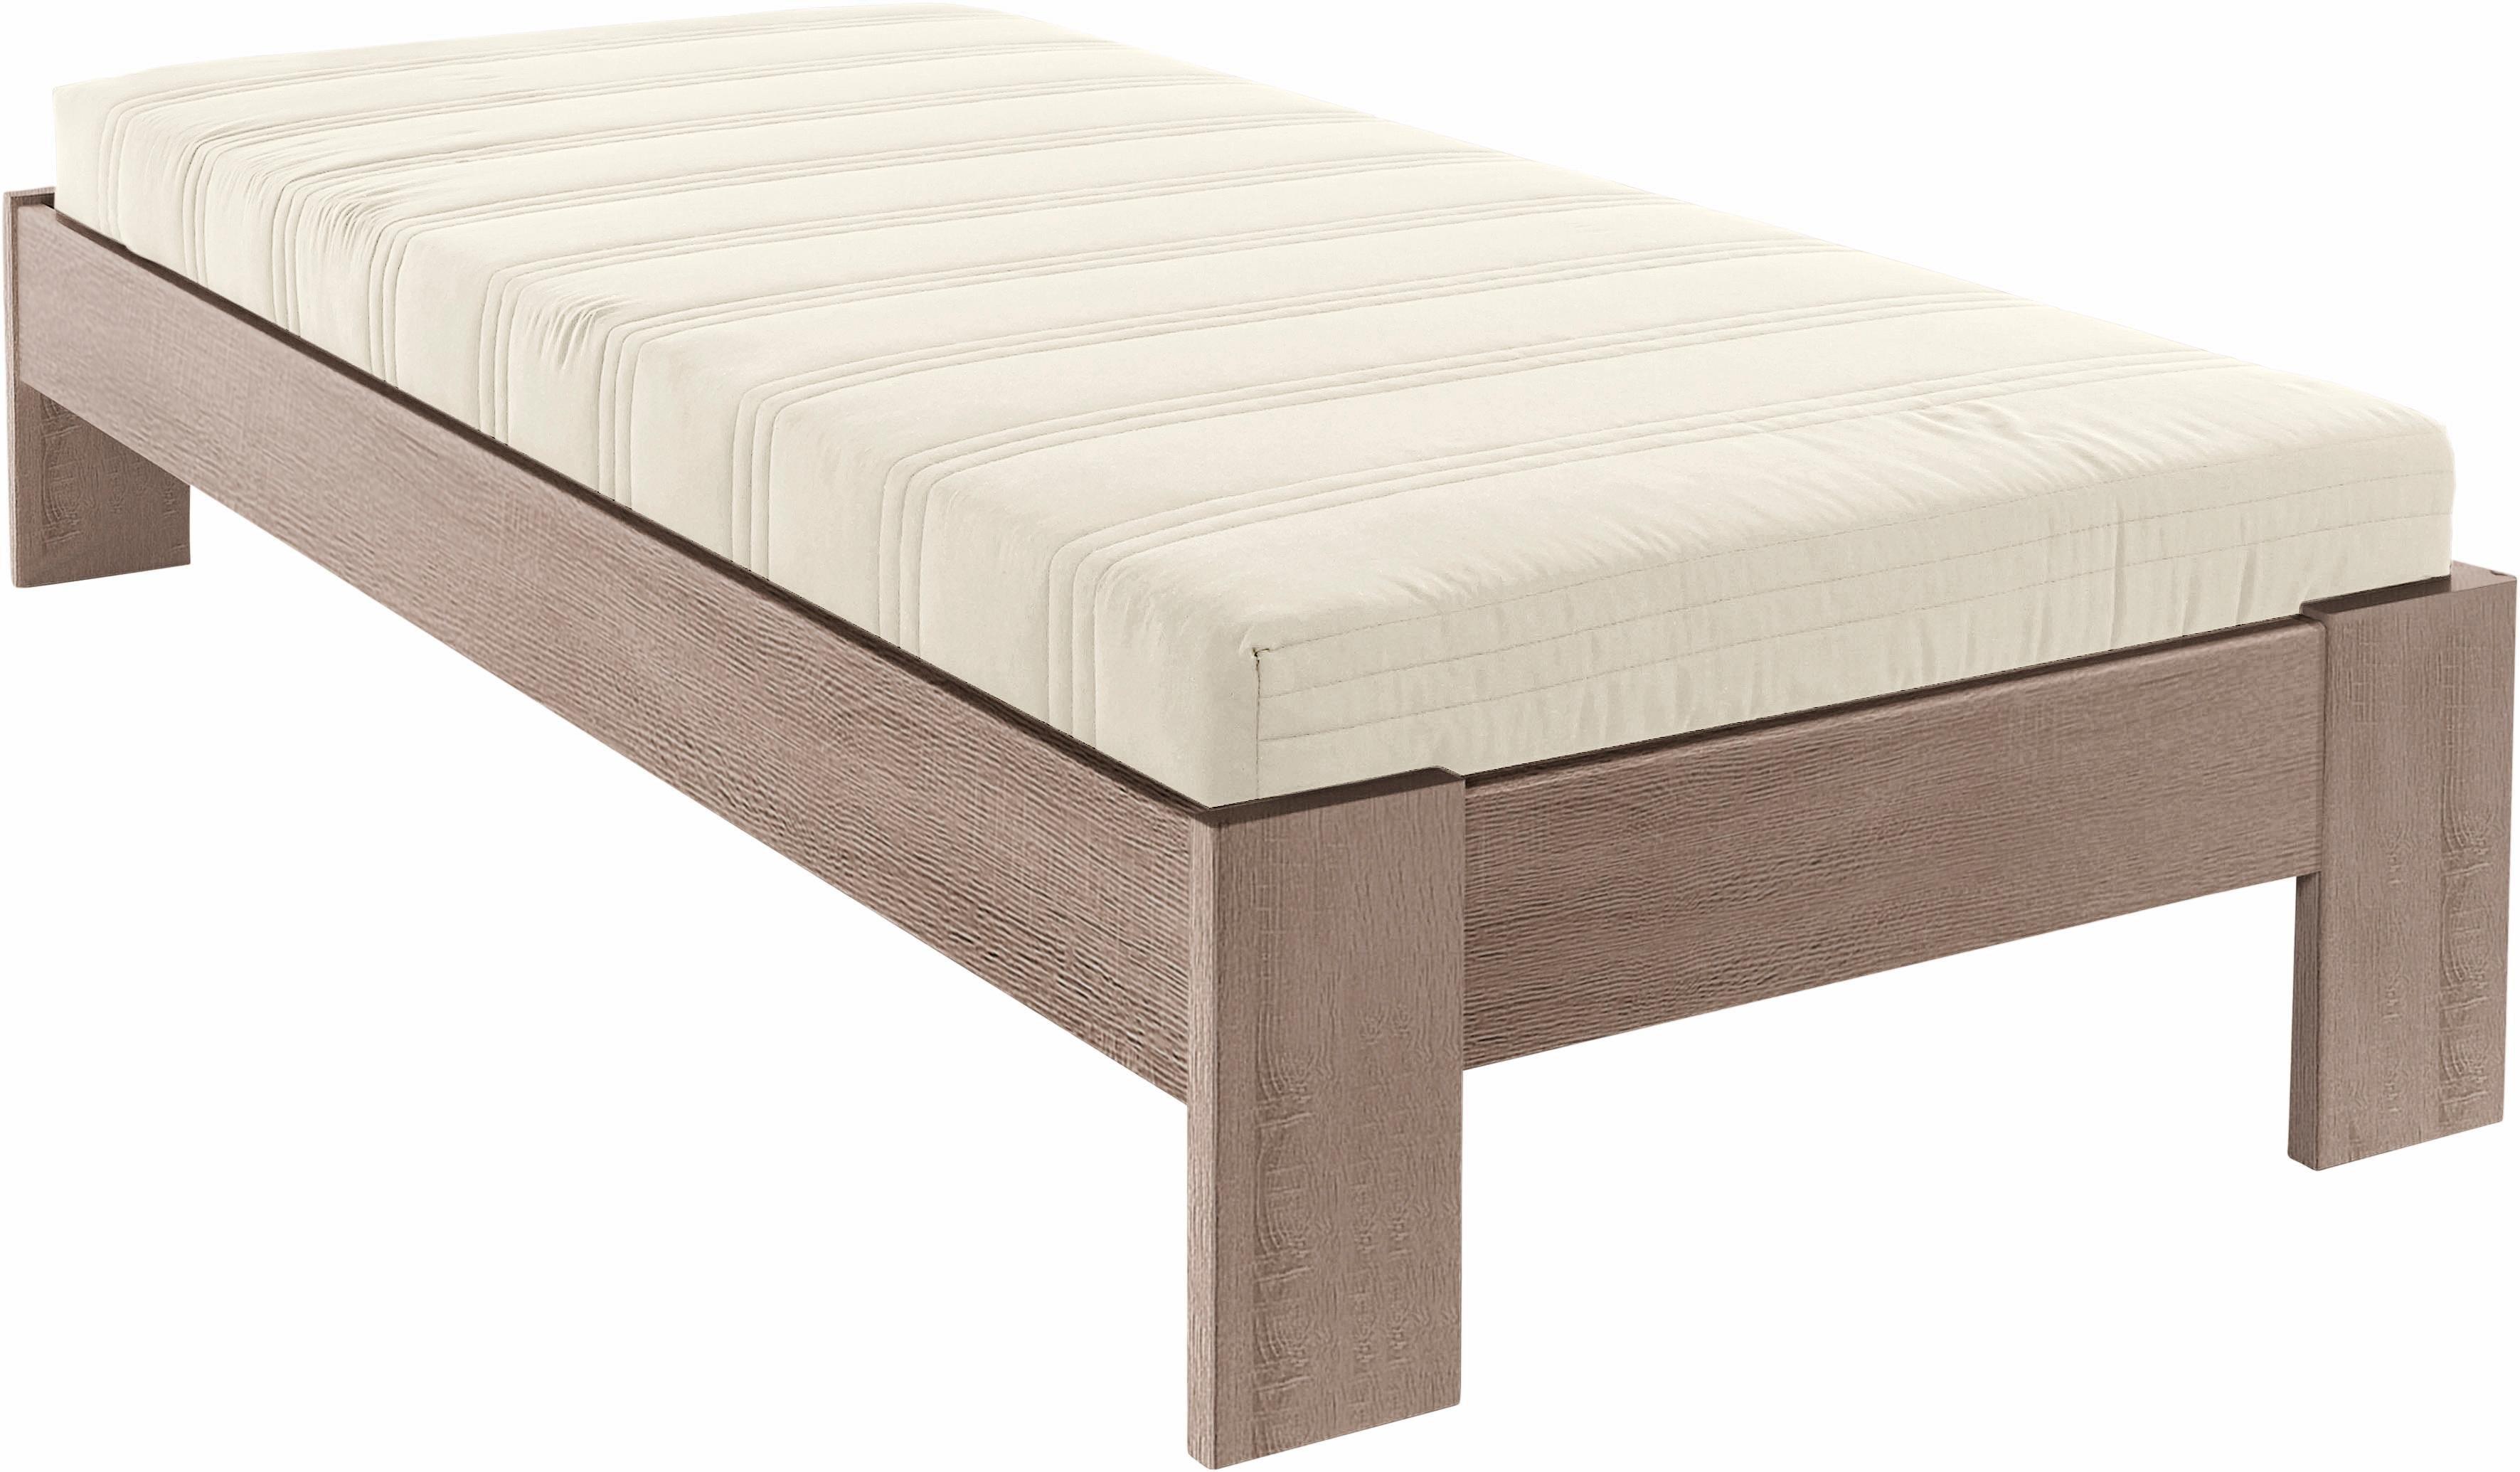 Futonbett, in 4 verschiedenen Ausführungen | Schlafzimmer > Betten > Futonbetten | Weiß - Hell - Dunkel - Schwarz